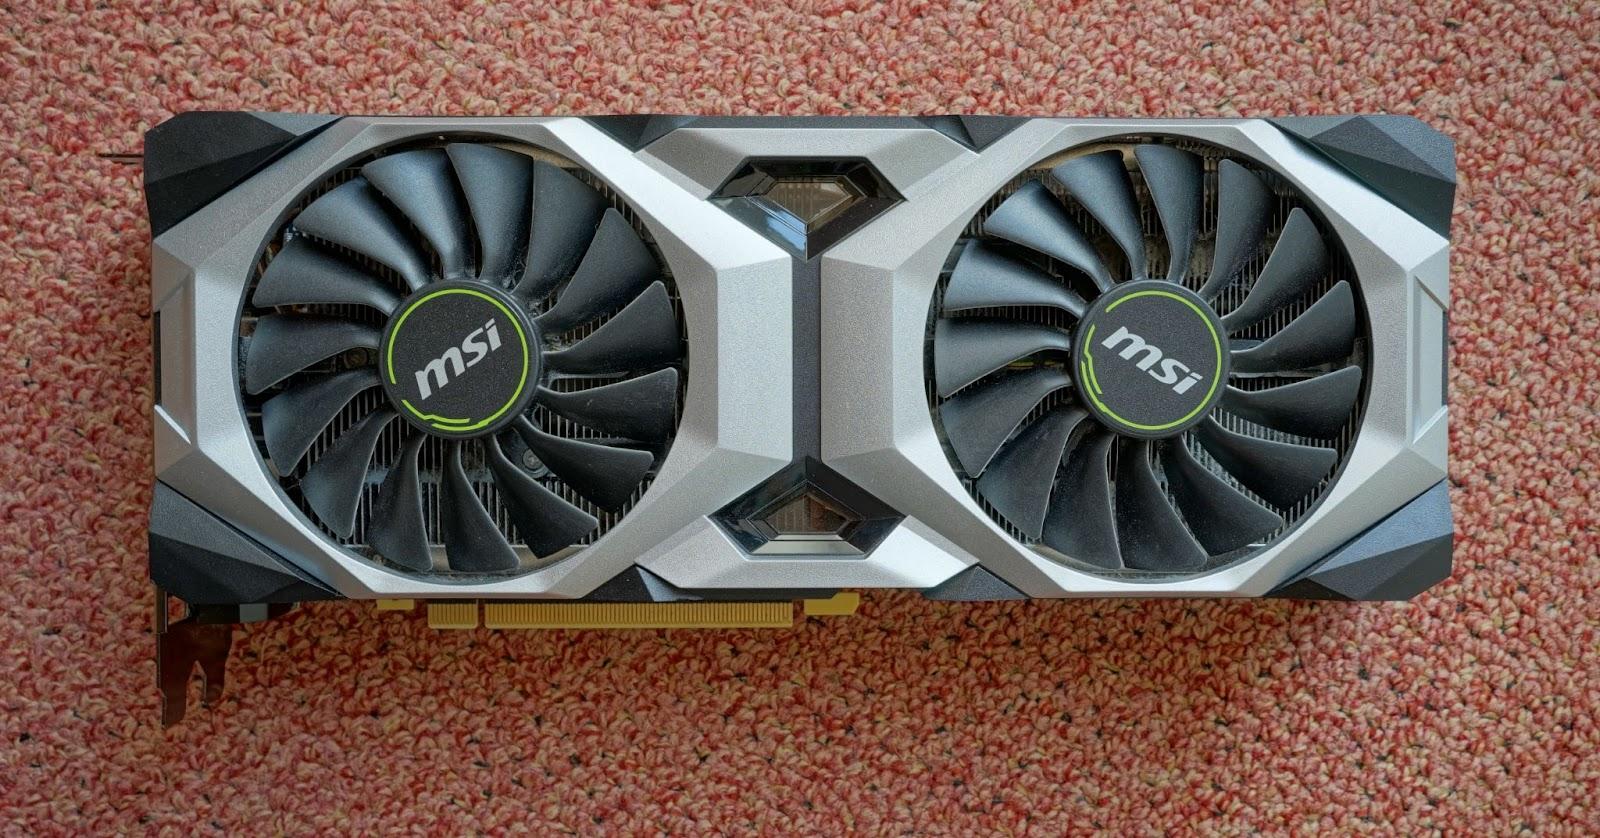 MSI 2080 Ventus GPU